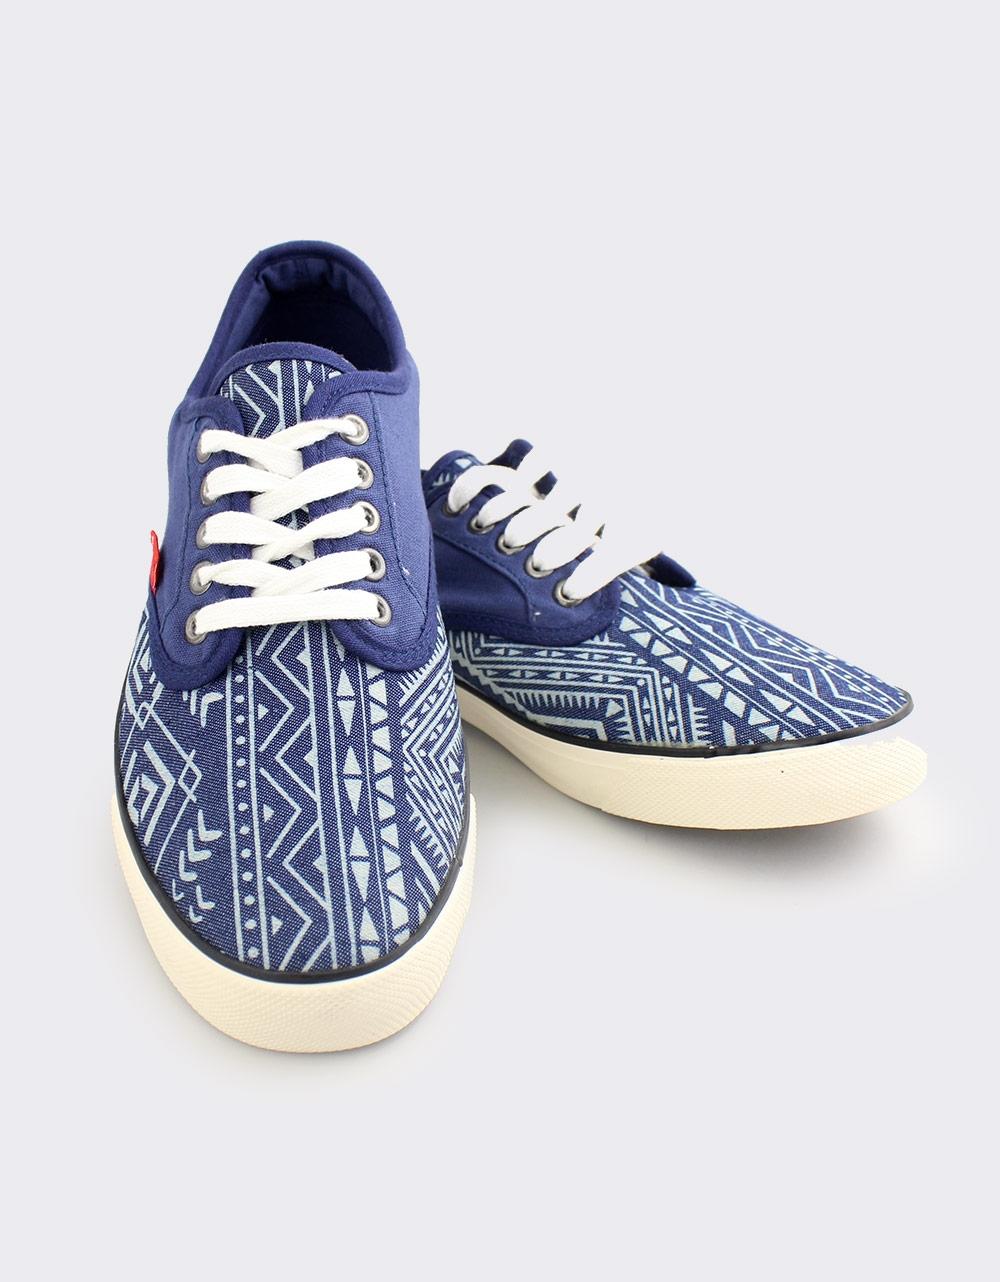 Εικόνα από Ανδρικά sneakers με tribal παράσταση Μπλε